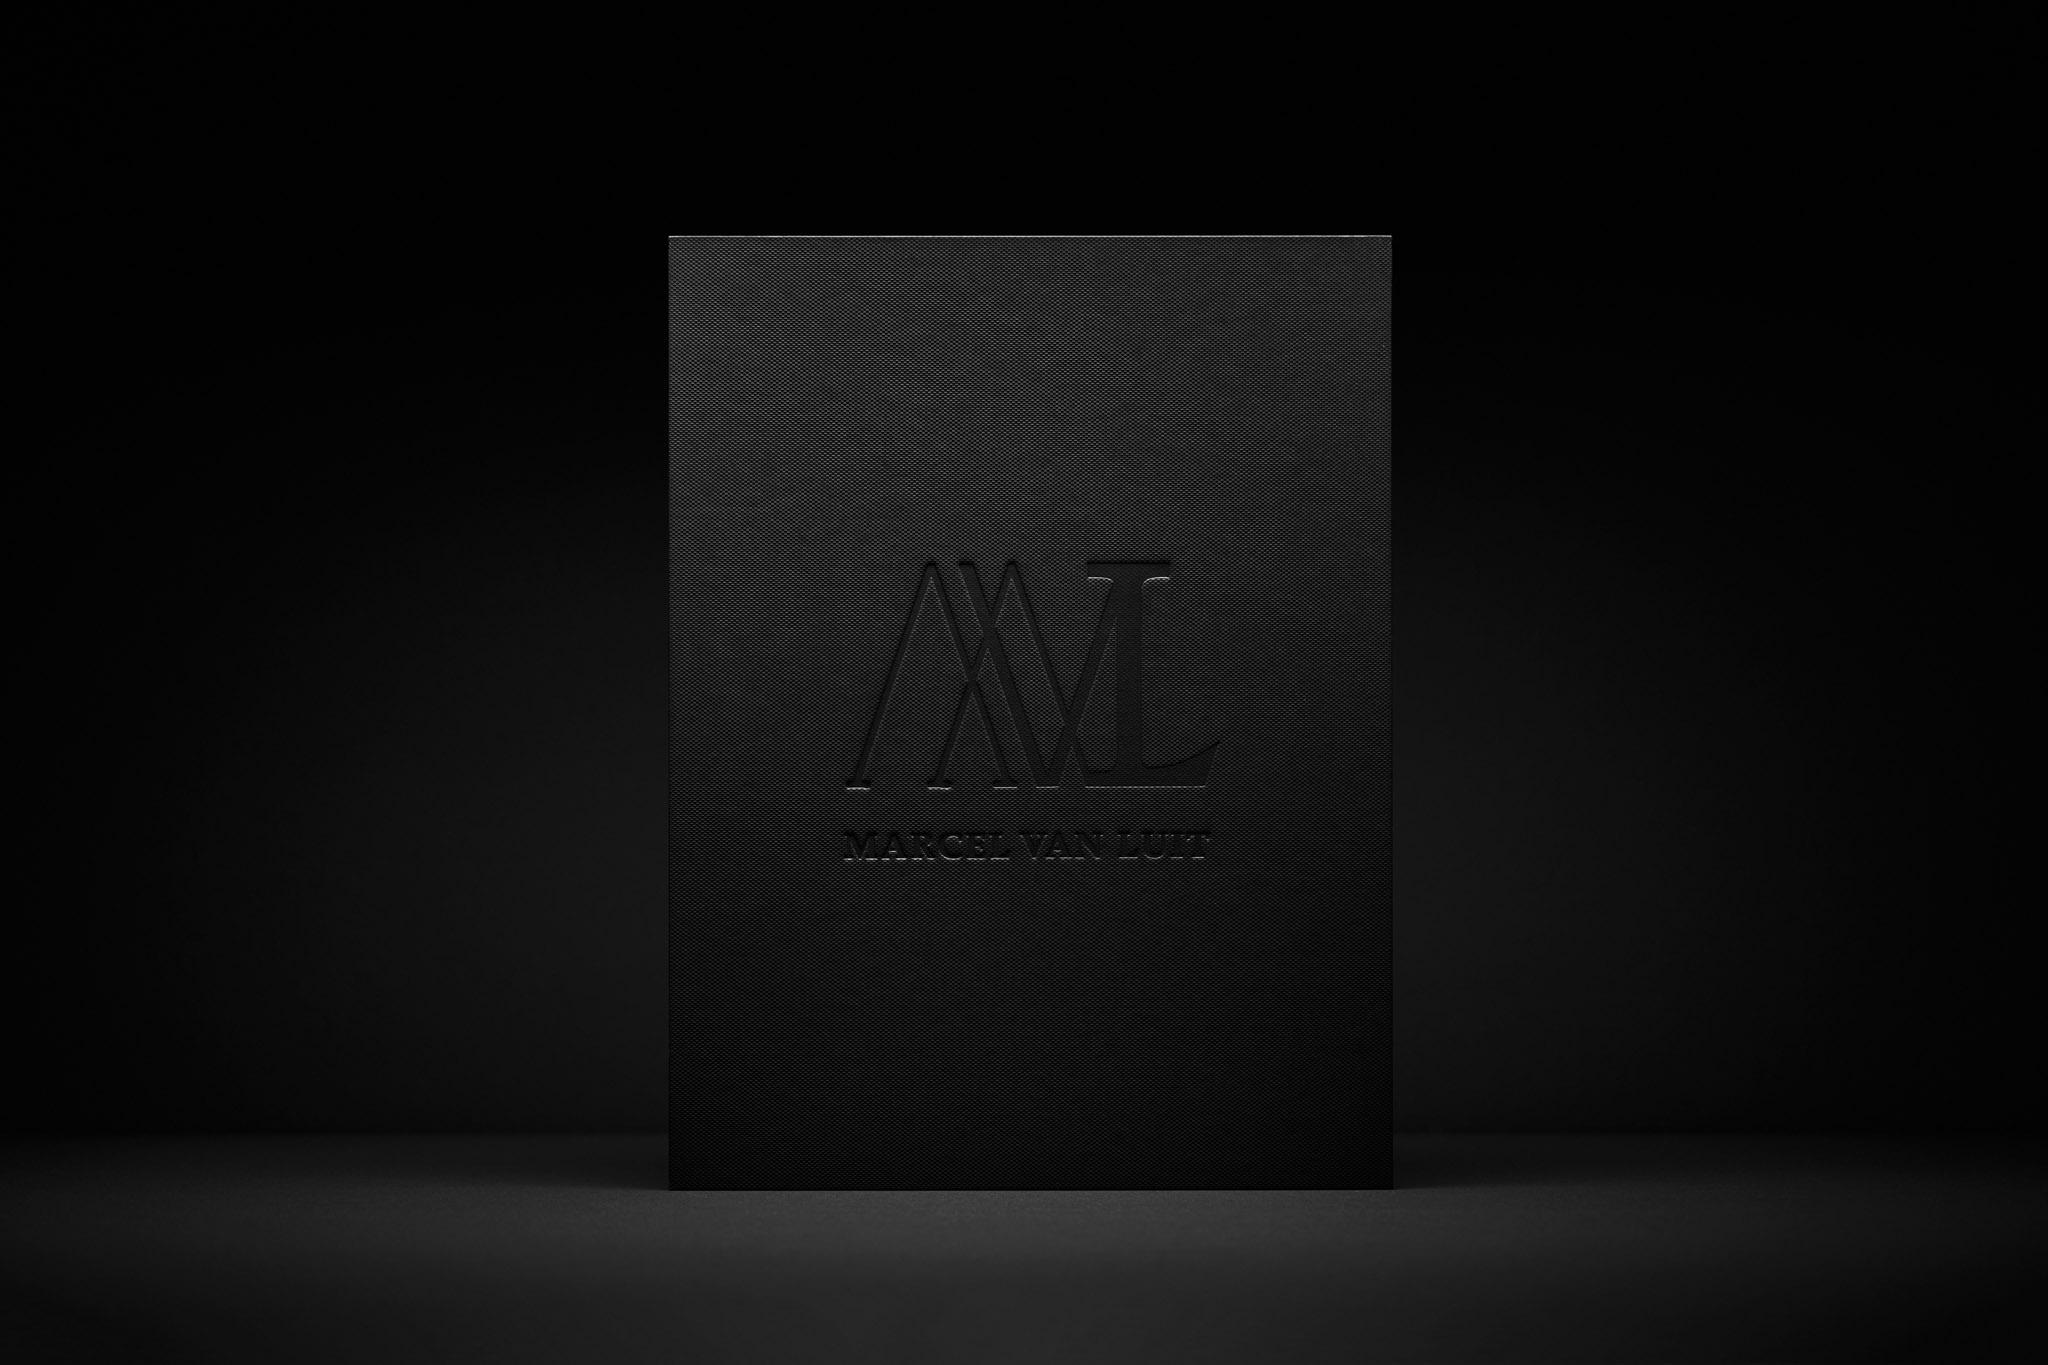 WAB_uitgeverij_komma_marcel_van_luit_where_the_dreamers_go_limited_edition_2048_03